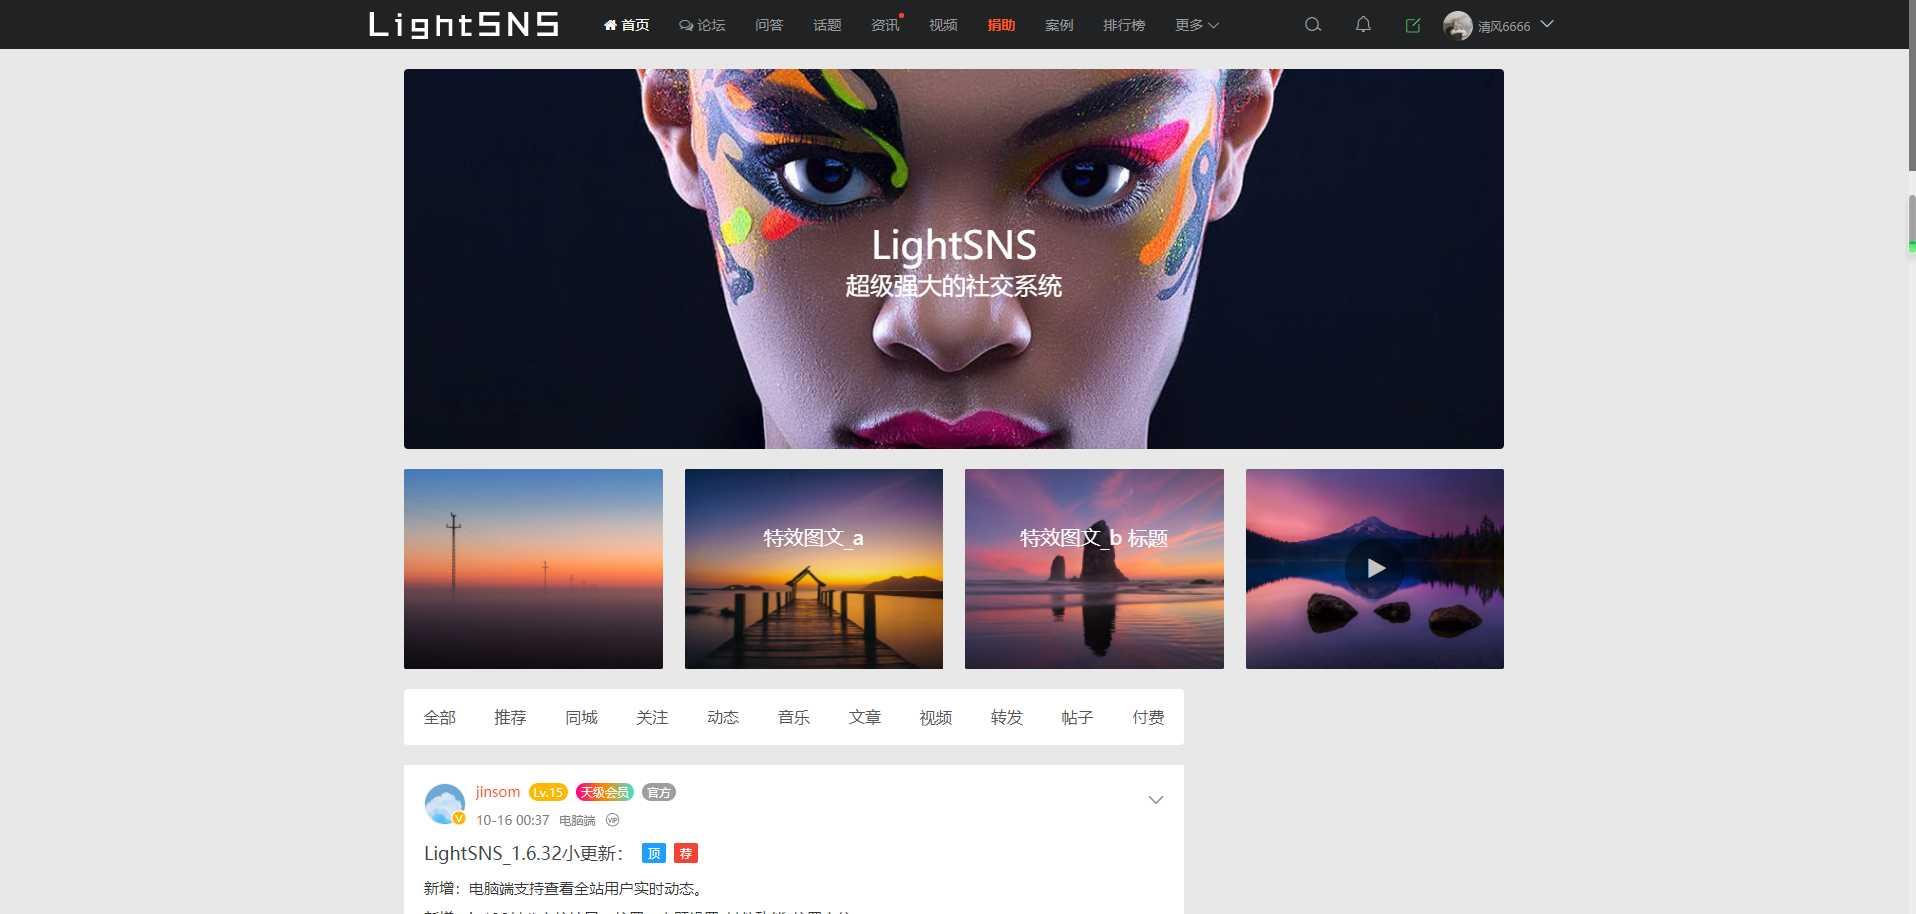 WordPress主题LightSNS轻社区破解版源码 LightSNS 1.6.29版 WordPress wordpress wordpress主题 第1张